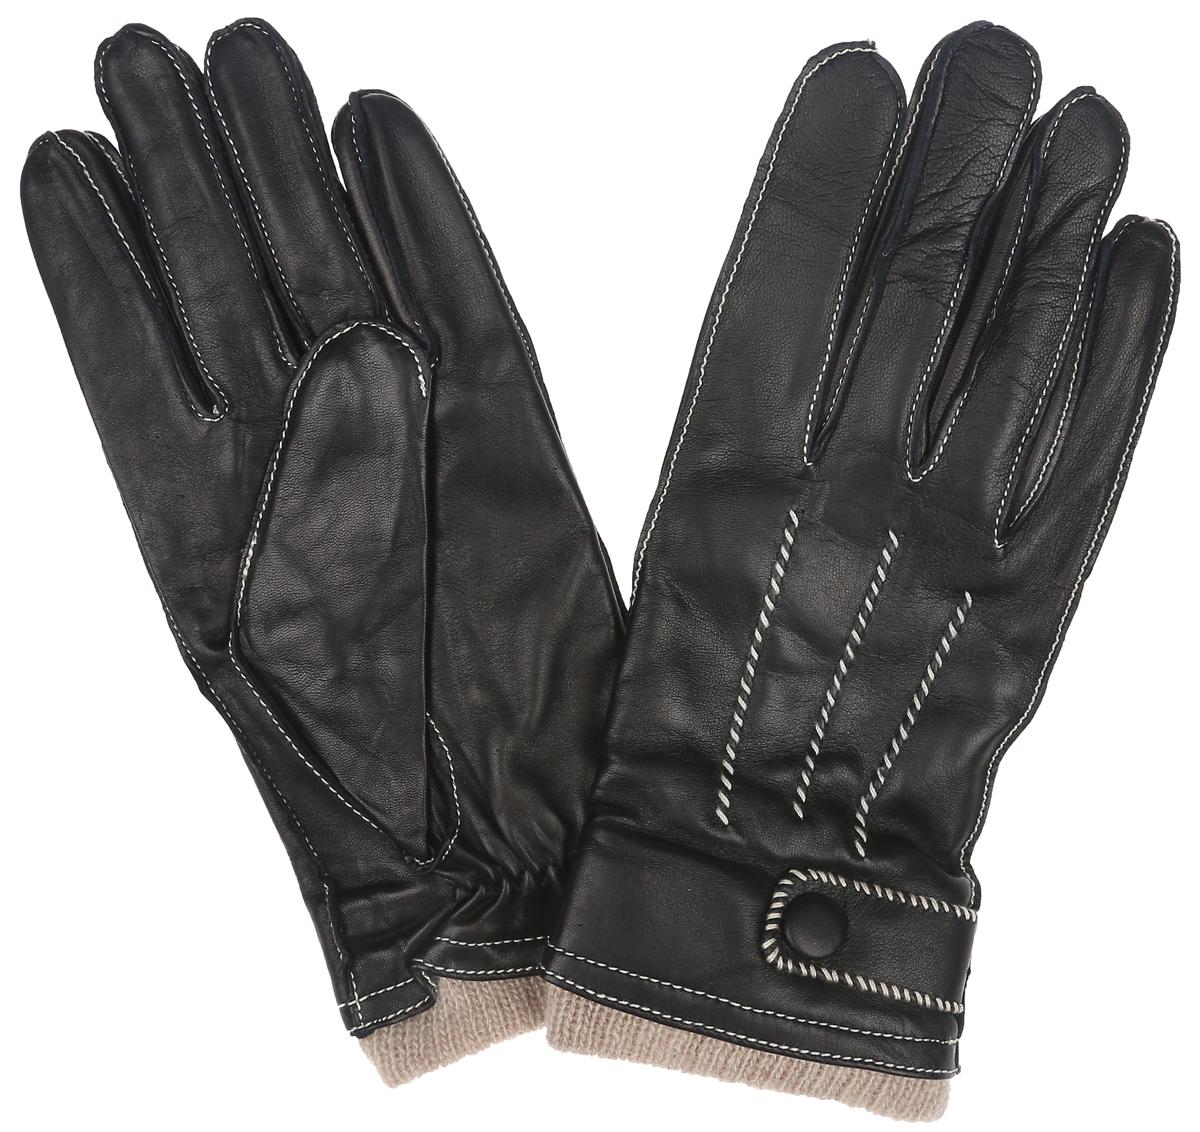 Перчатки мужские Eleganzza, цвет: черный. OS01750. Размер 9,5OS01750Потрясающие мужские перчатки Eleganzza выполнены из чрезвычайно мягкой иприятной на ощупь кожи, а их подкладка - из натуральнойшерсти с добавлением кашемира. Модель оформлена наружными швами с контрастной прострочкой. Лицевая сторона дополнена декоративными швами три луча и декоративным ремешком на застежке-кнопке.В настоящее время перчаткиявляются неотъемлемой принадлежностью одежды. Перчатки станутзавершающим и подчеркивающим элементом вашего стиля и неповторимости.